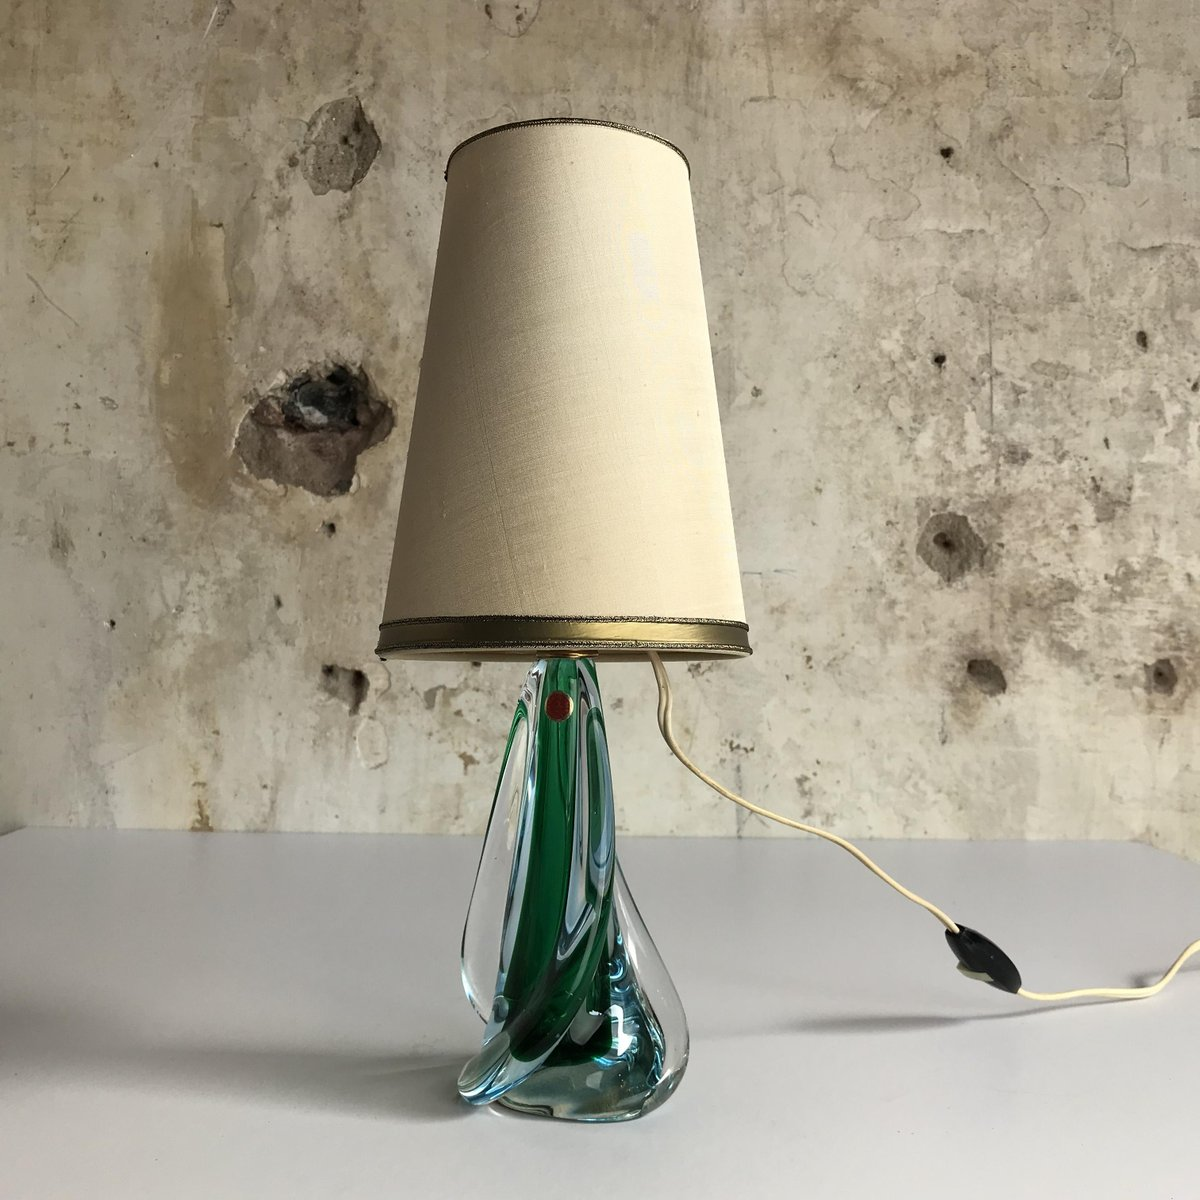 Italienische Murano Glas Tischlampe von Pietro Toso & Co, 1950er